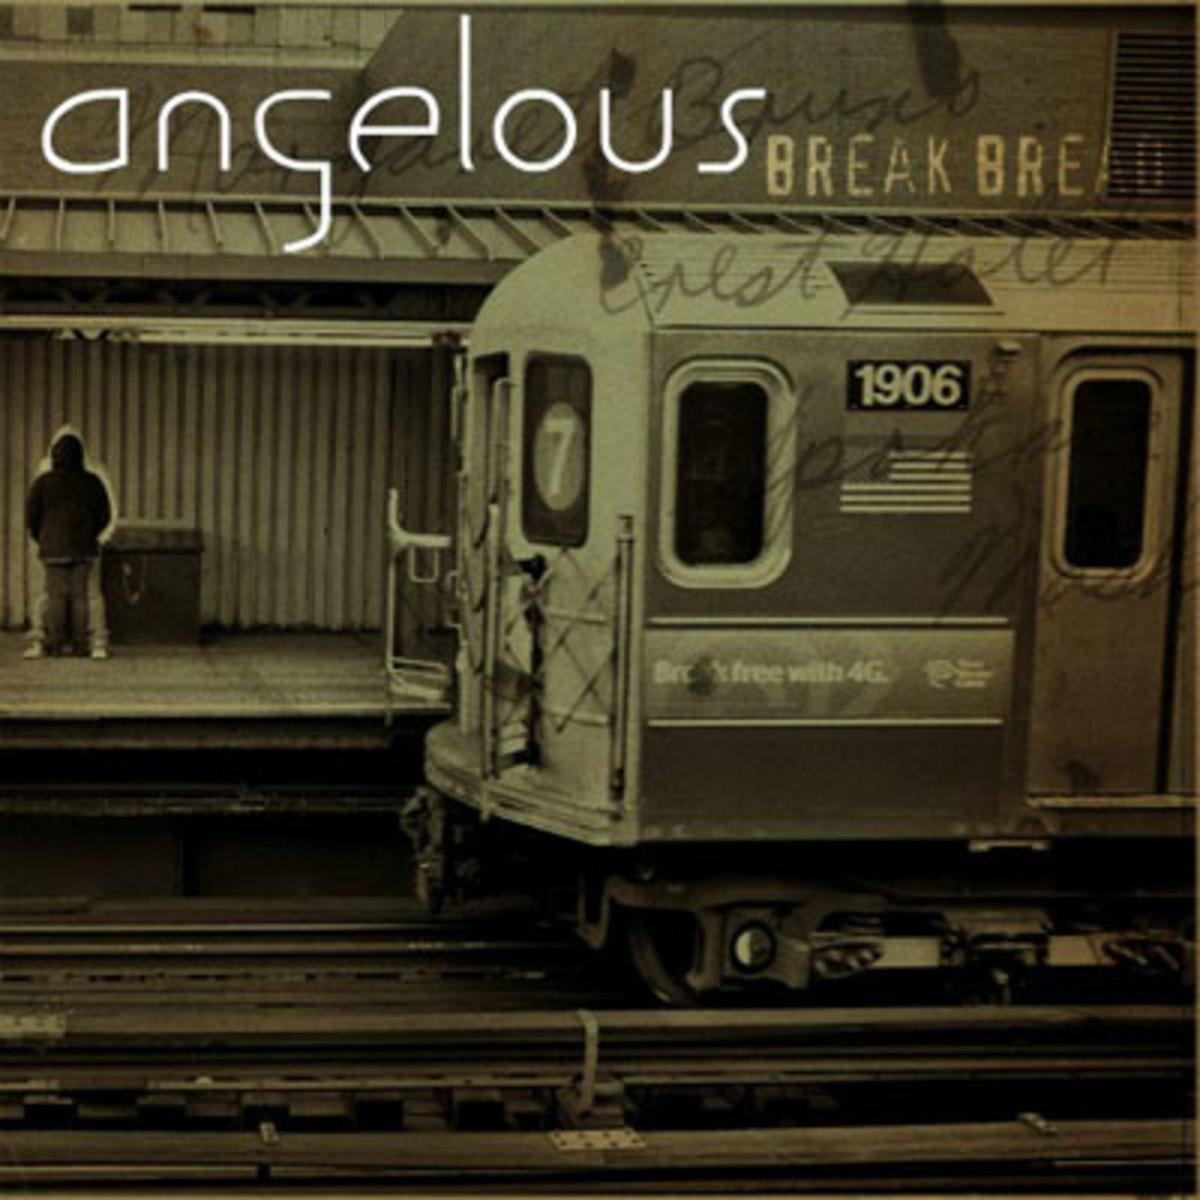 angelous-breakbread.jpg